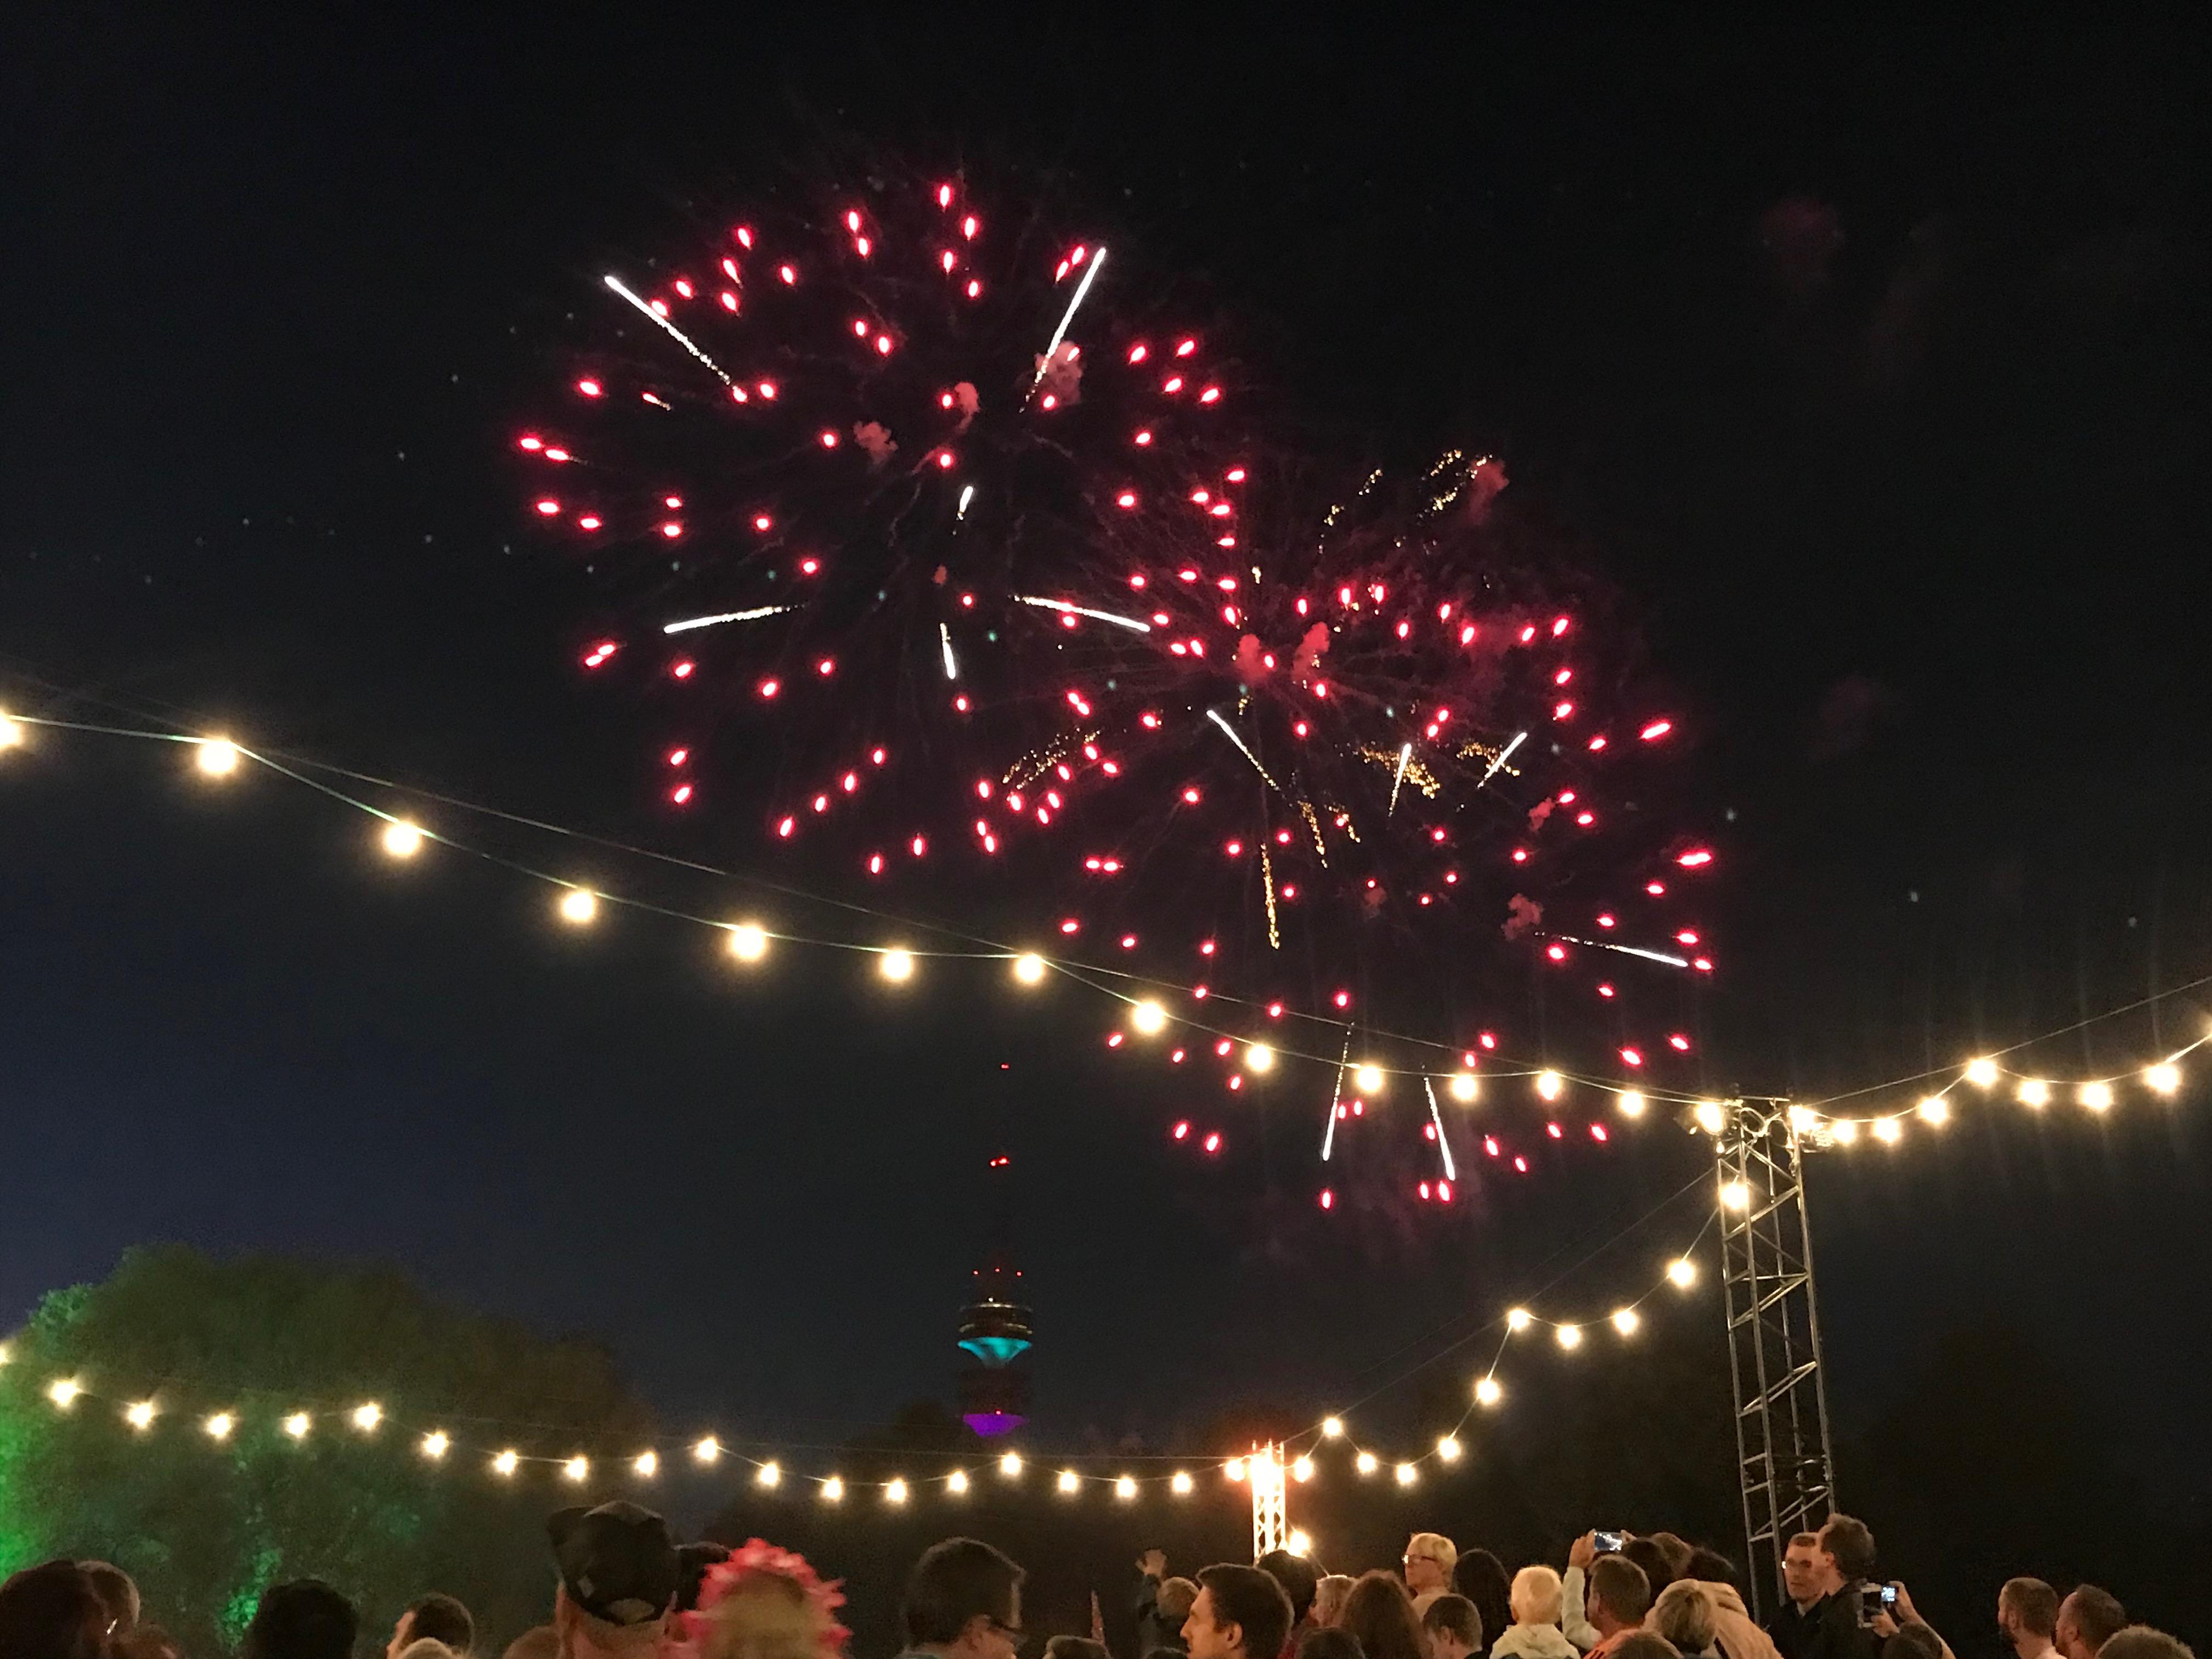 Rotes Feuerwerk über dem Tollwood Festival und im Hintergrund der Olympiaturm